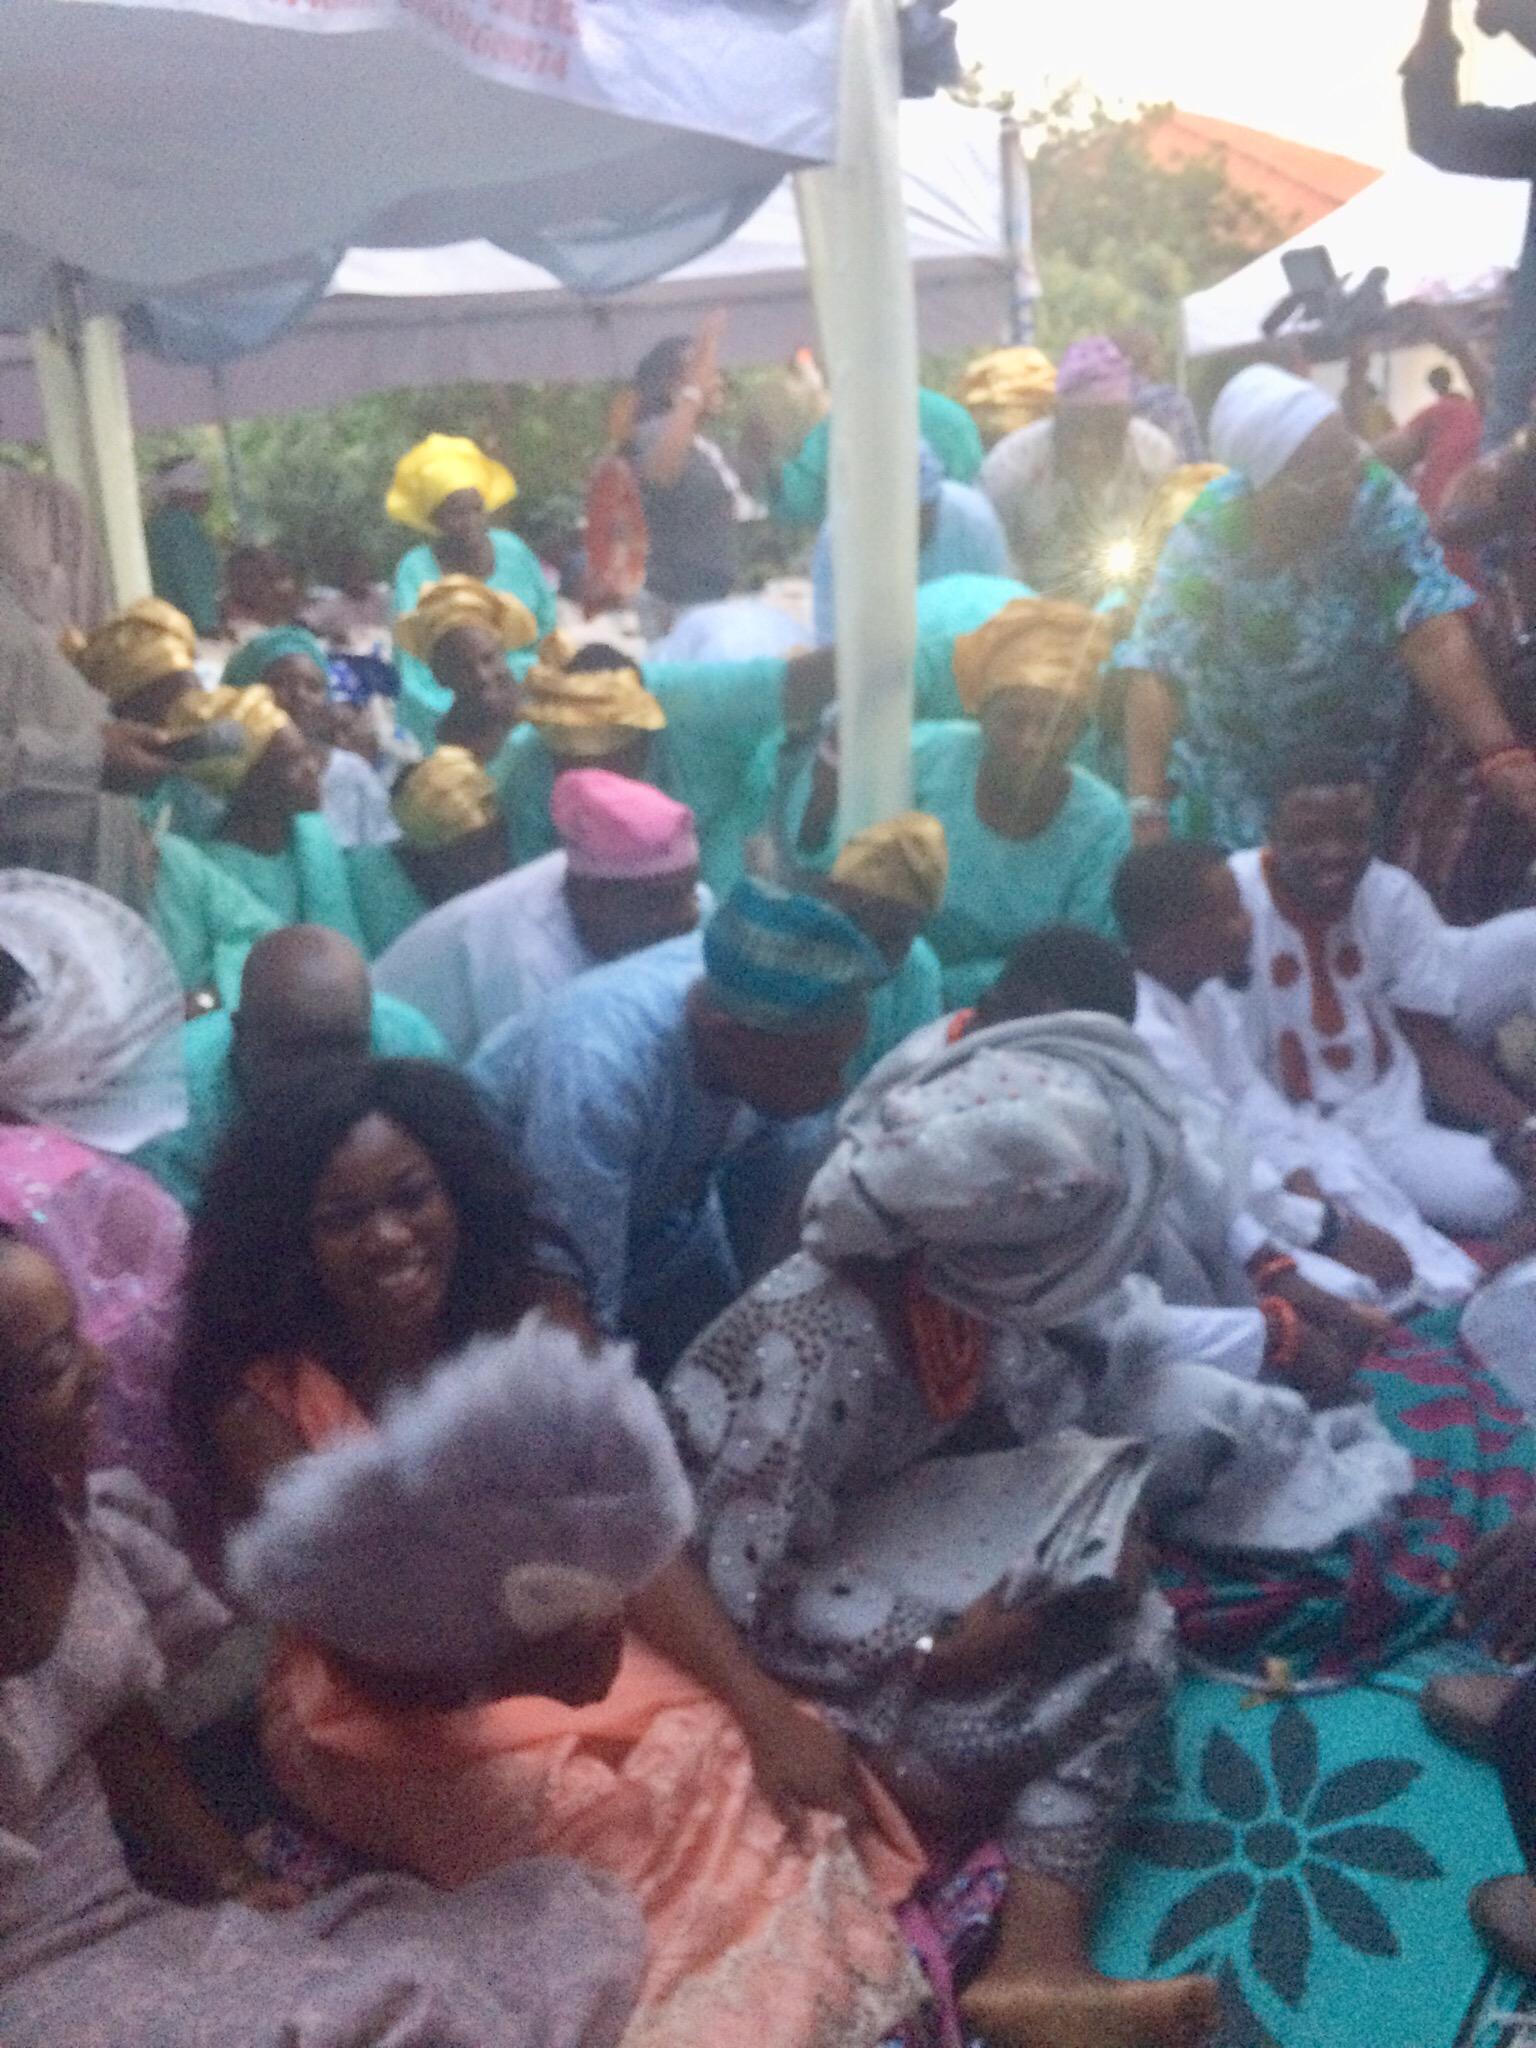 Dobaleing of the Yoruba people